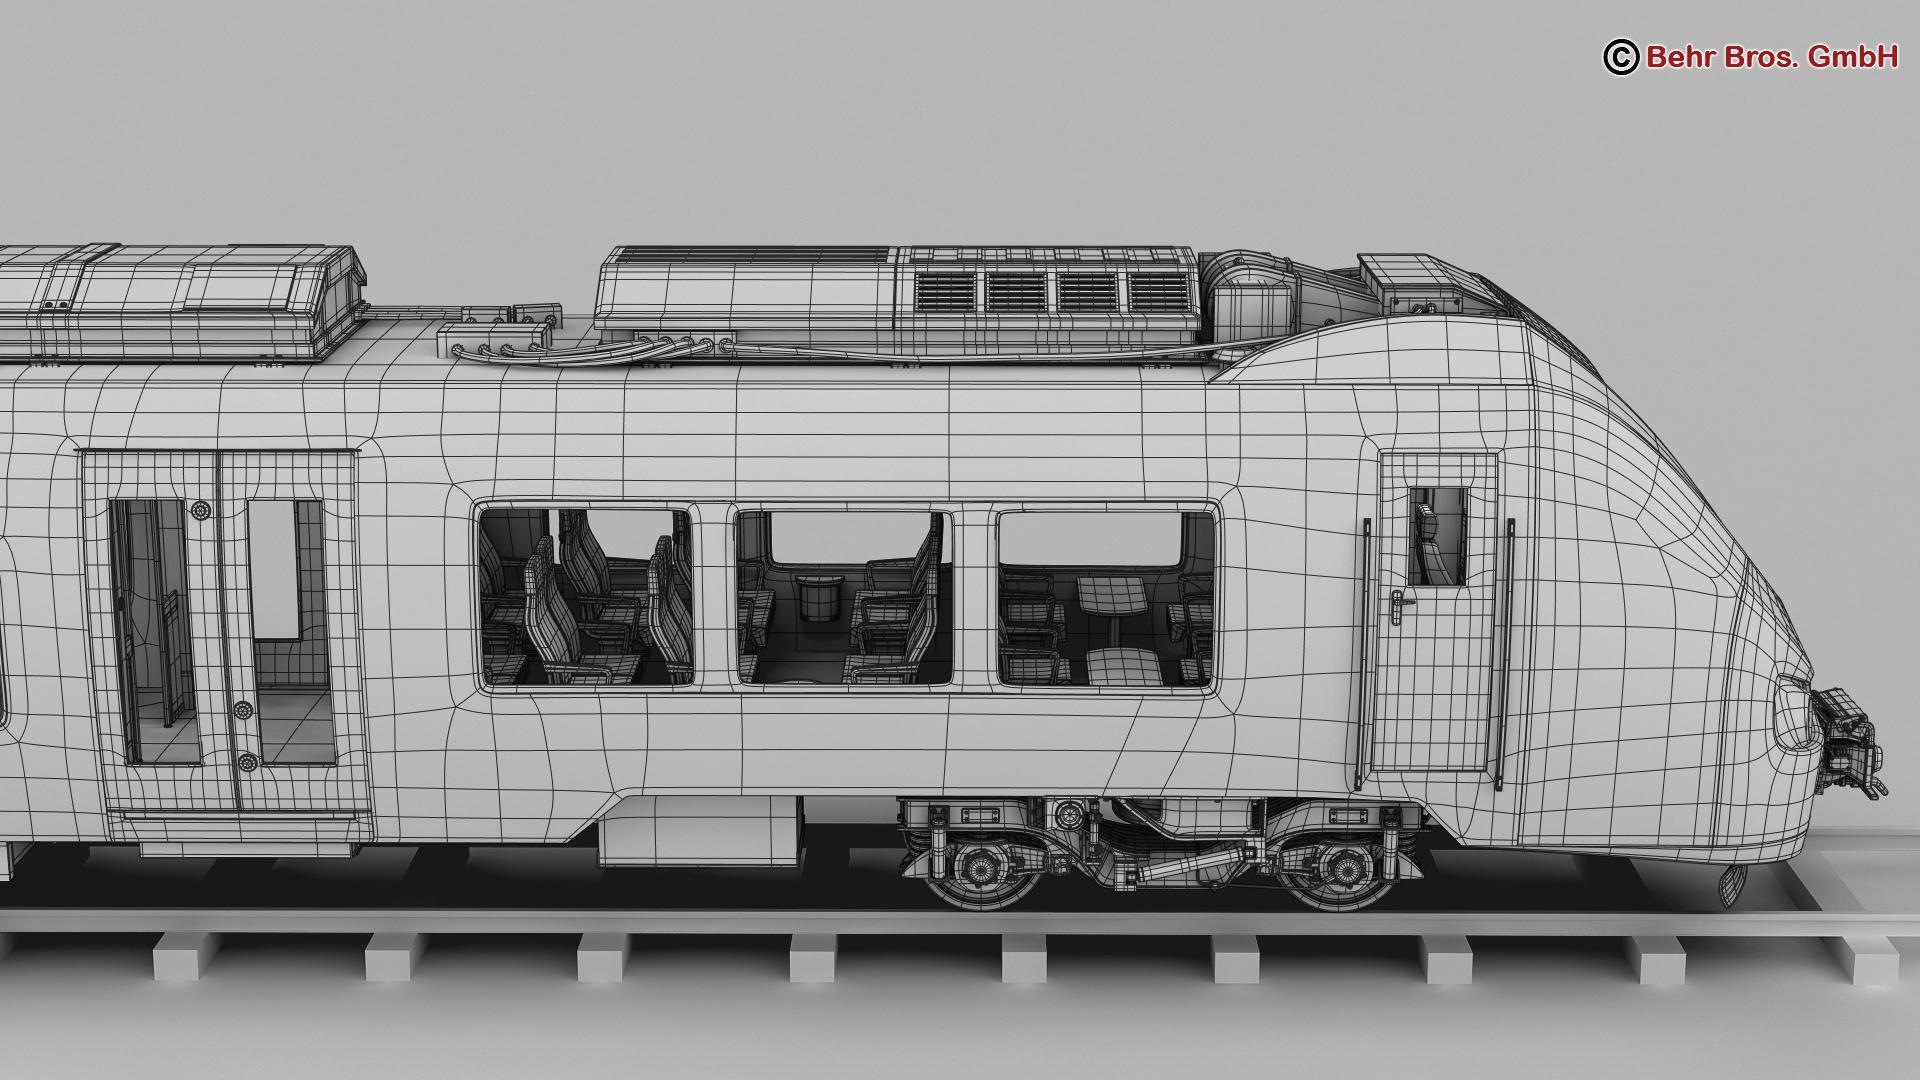 generic commuter train 3d model 3ds max fbx c4d ma mb obj 206634